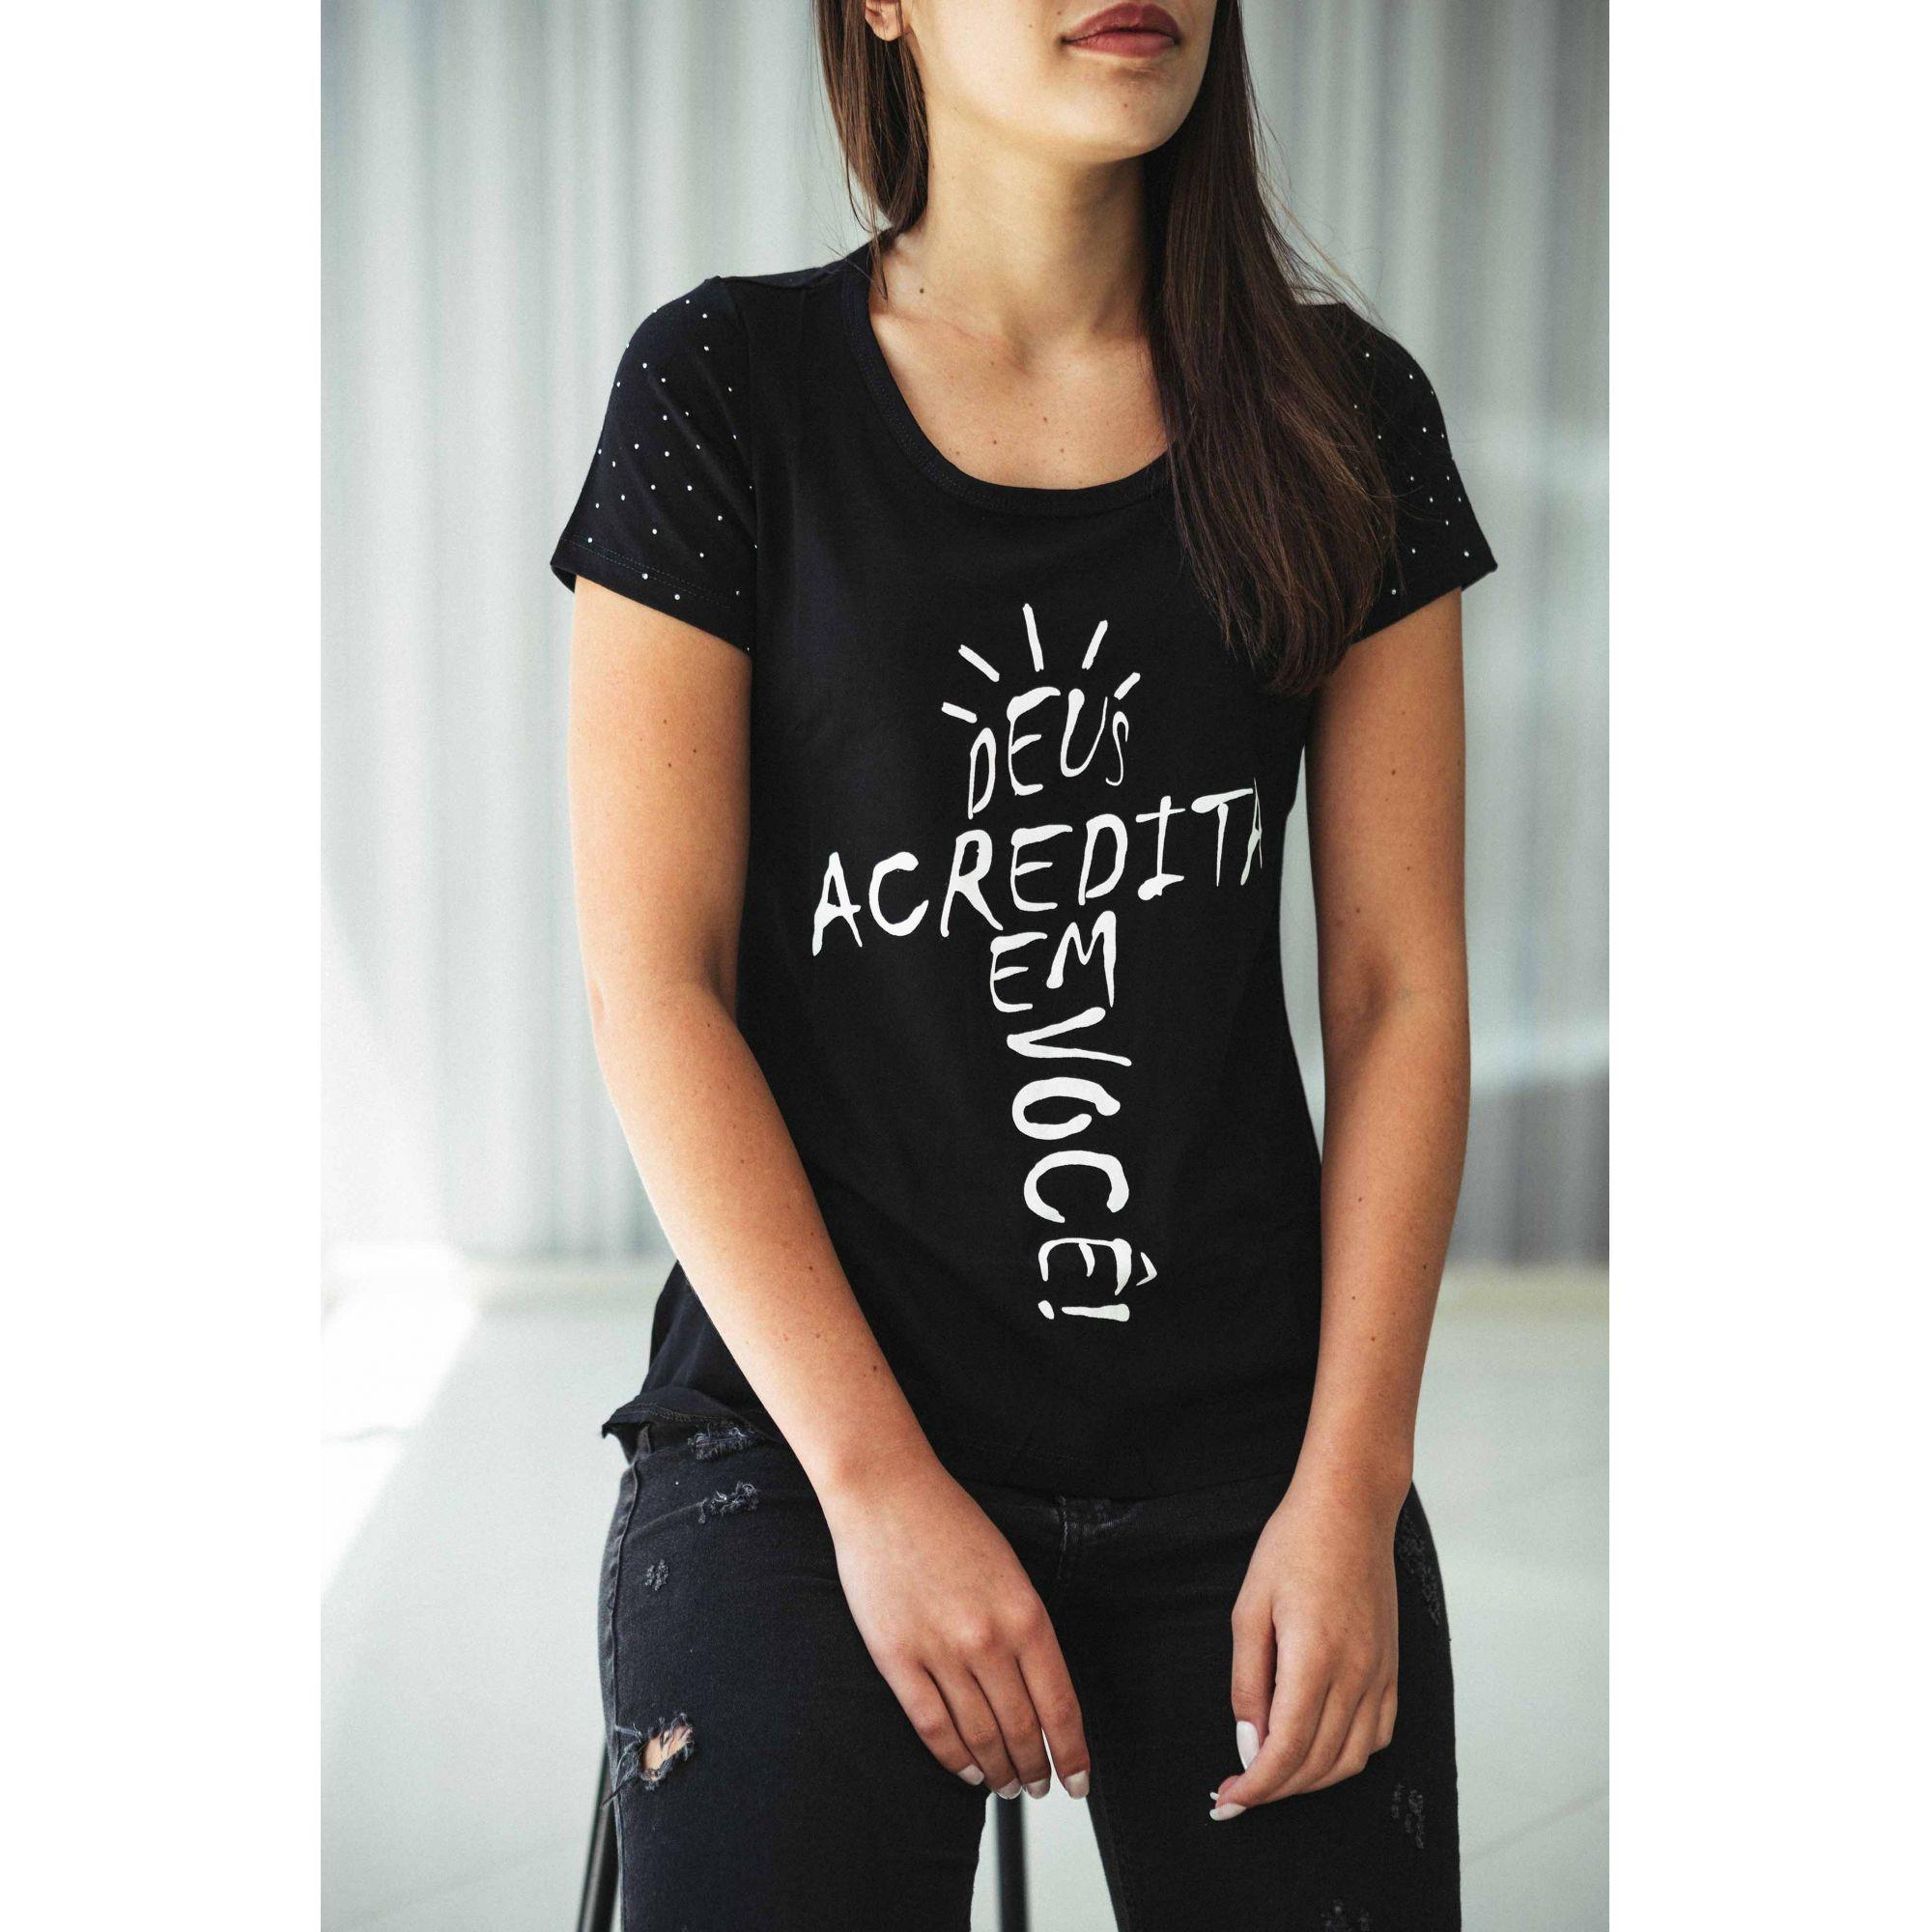 Camiseta Deus acredita em você